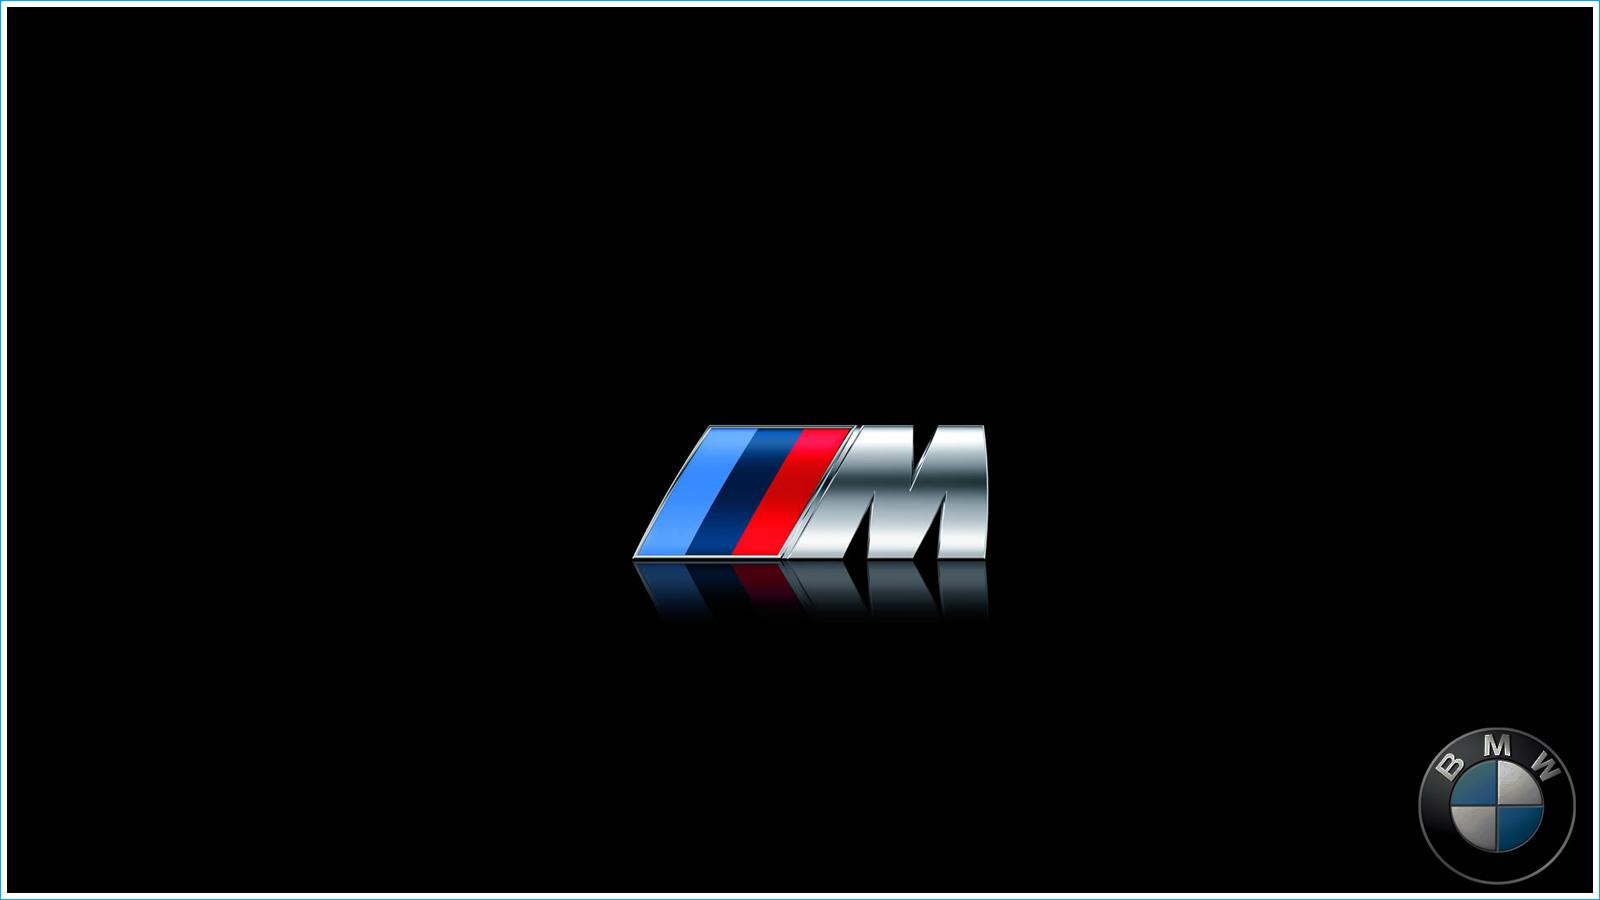 Logo Bmw M Voiture Et Marque Voiture